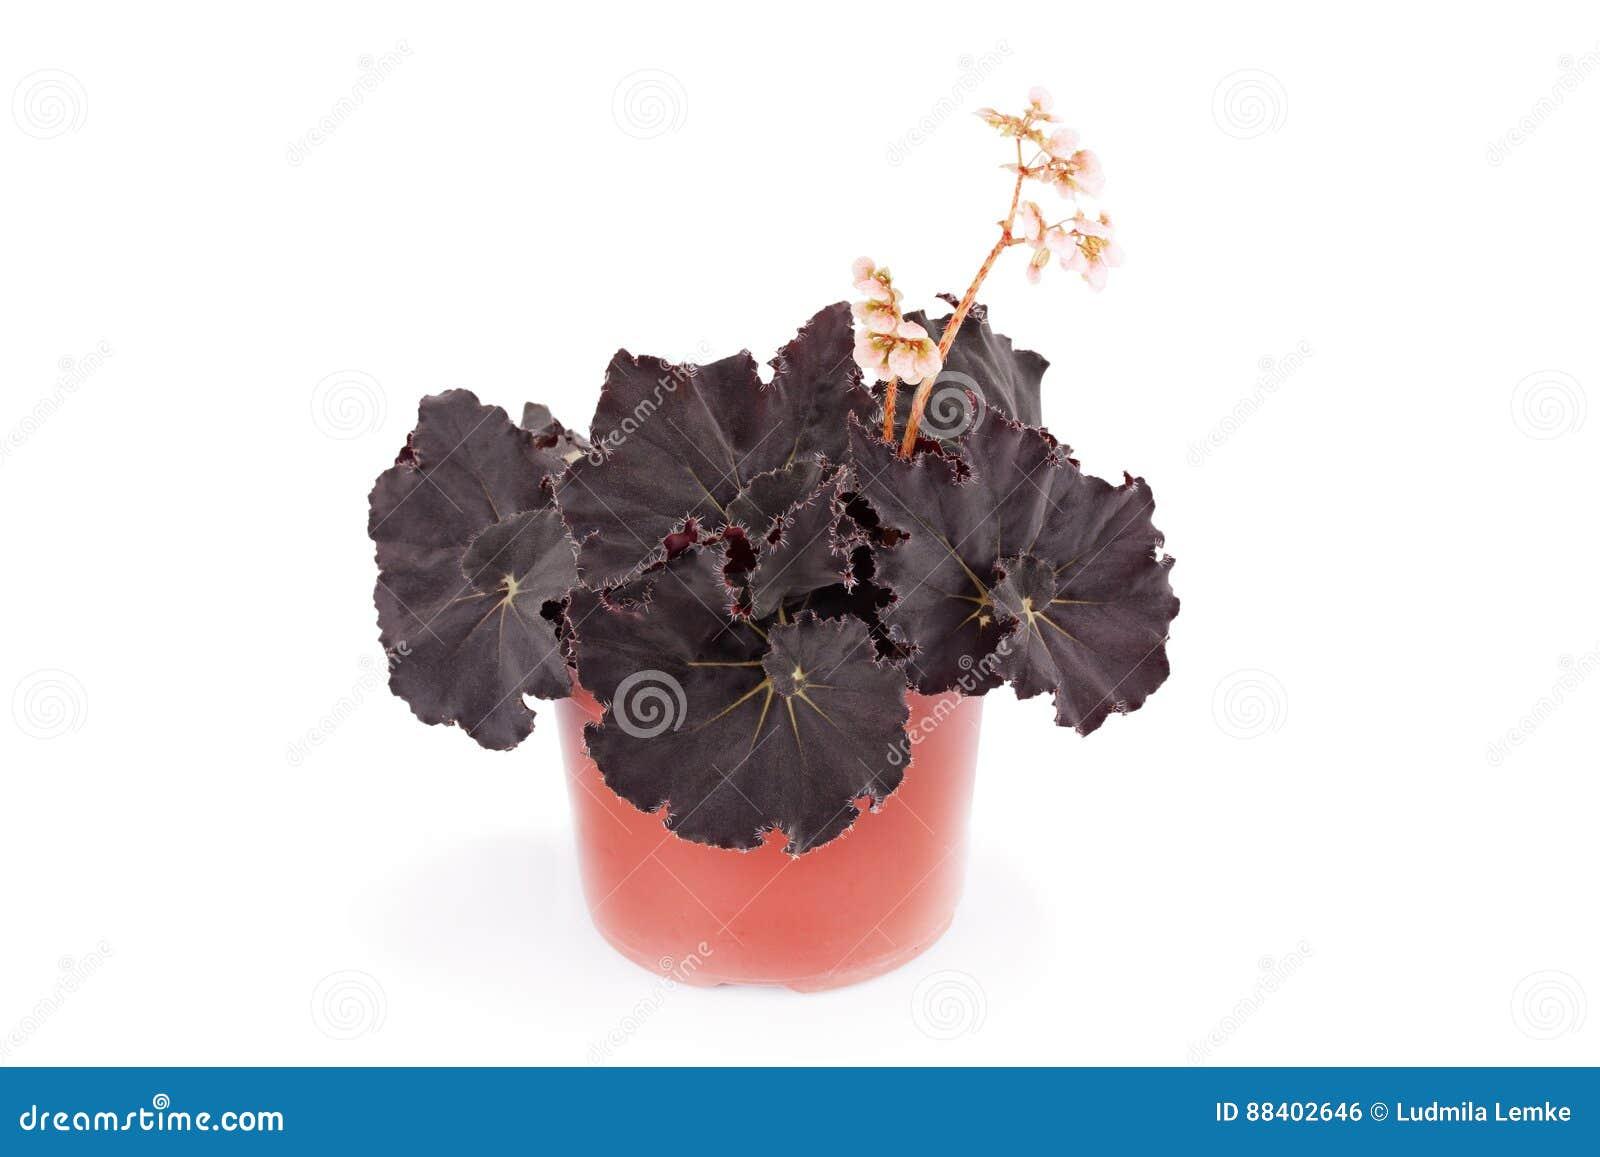 Piante Da Appartamento Begonia.Begonia Dark Mambo Pianta Da Appartamento Decorativa Fotografia